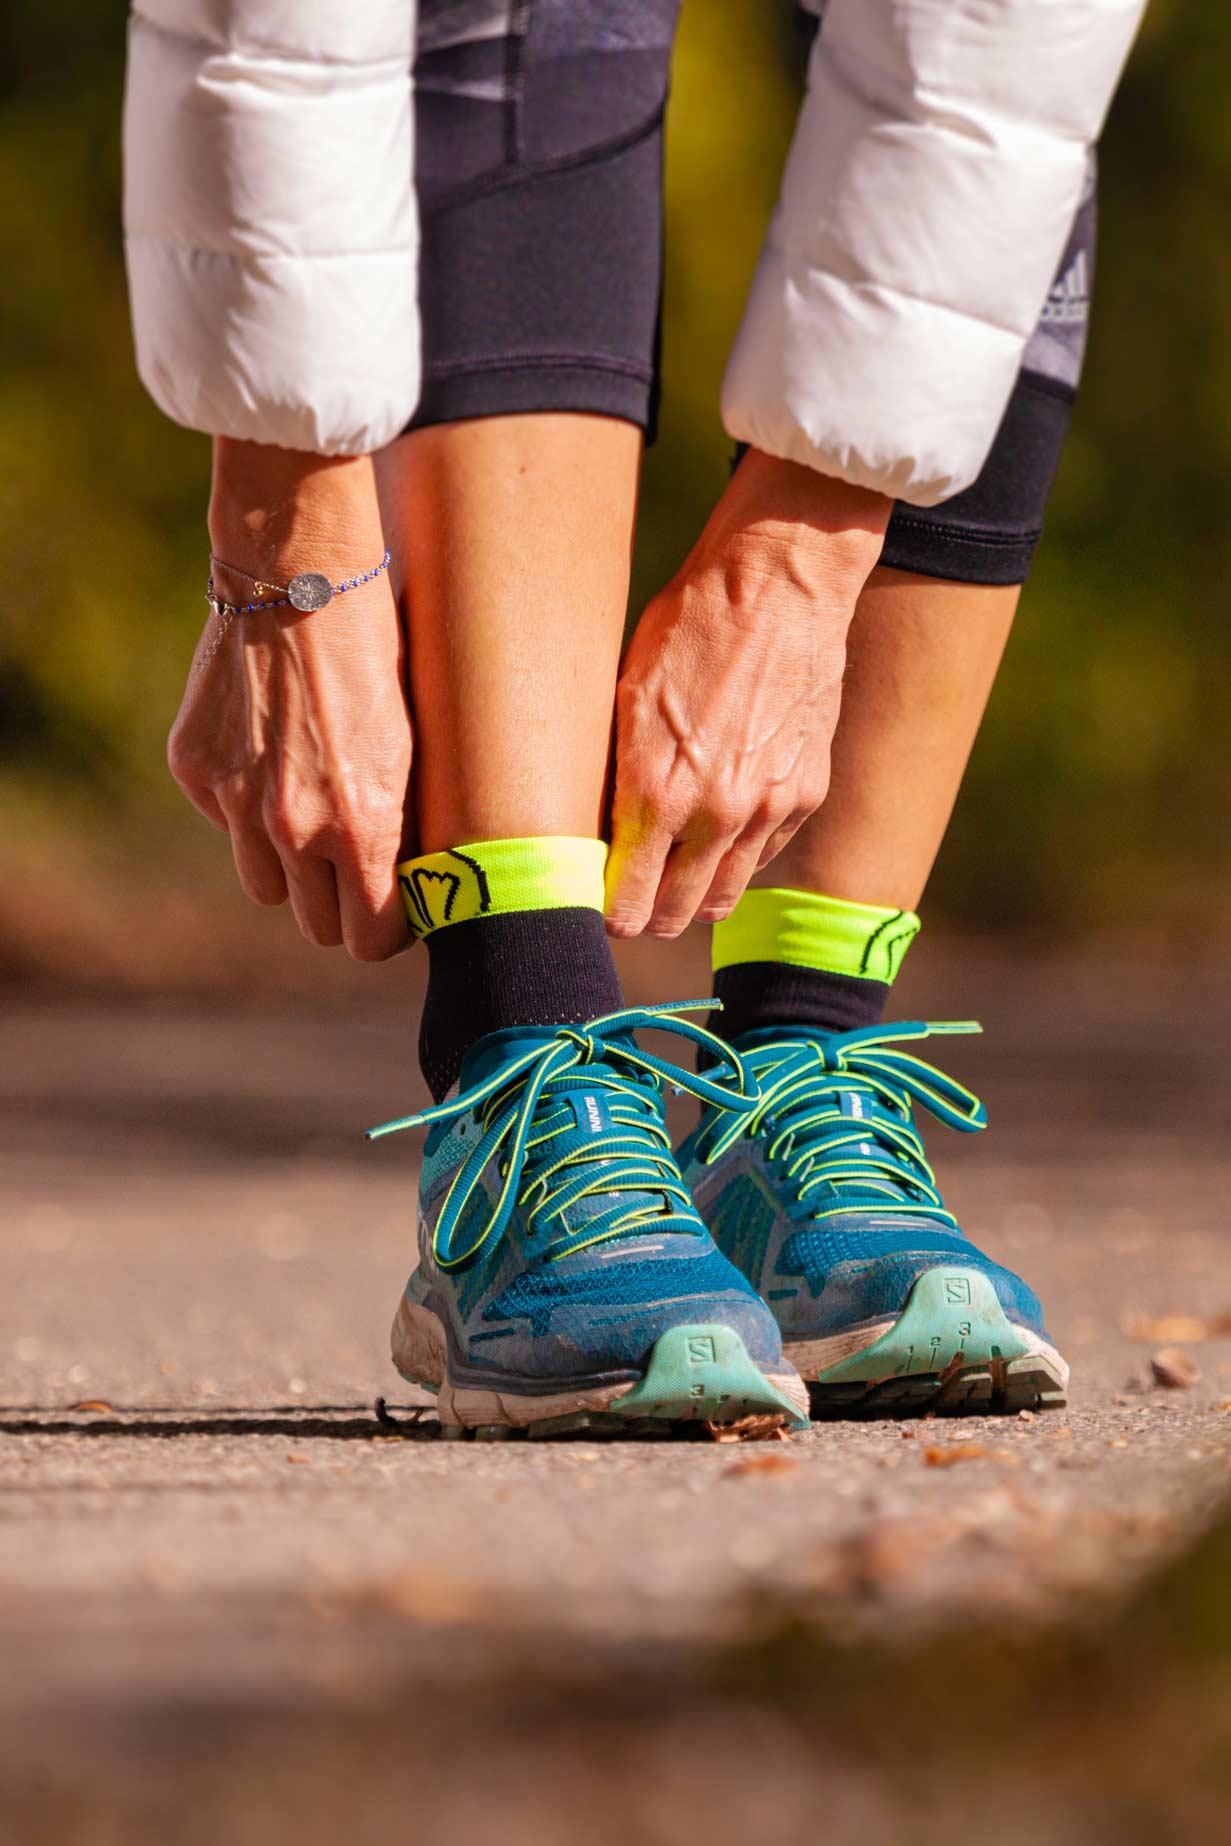 Chaussettes running sidas course à pied sur route